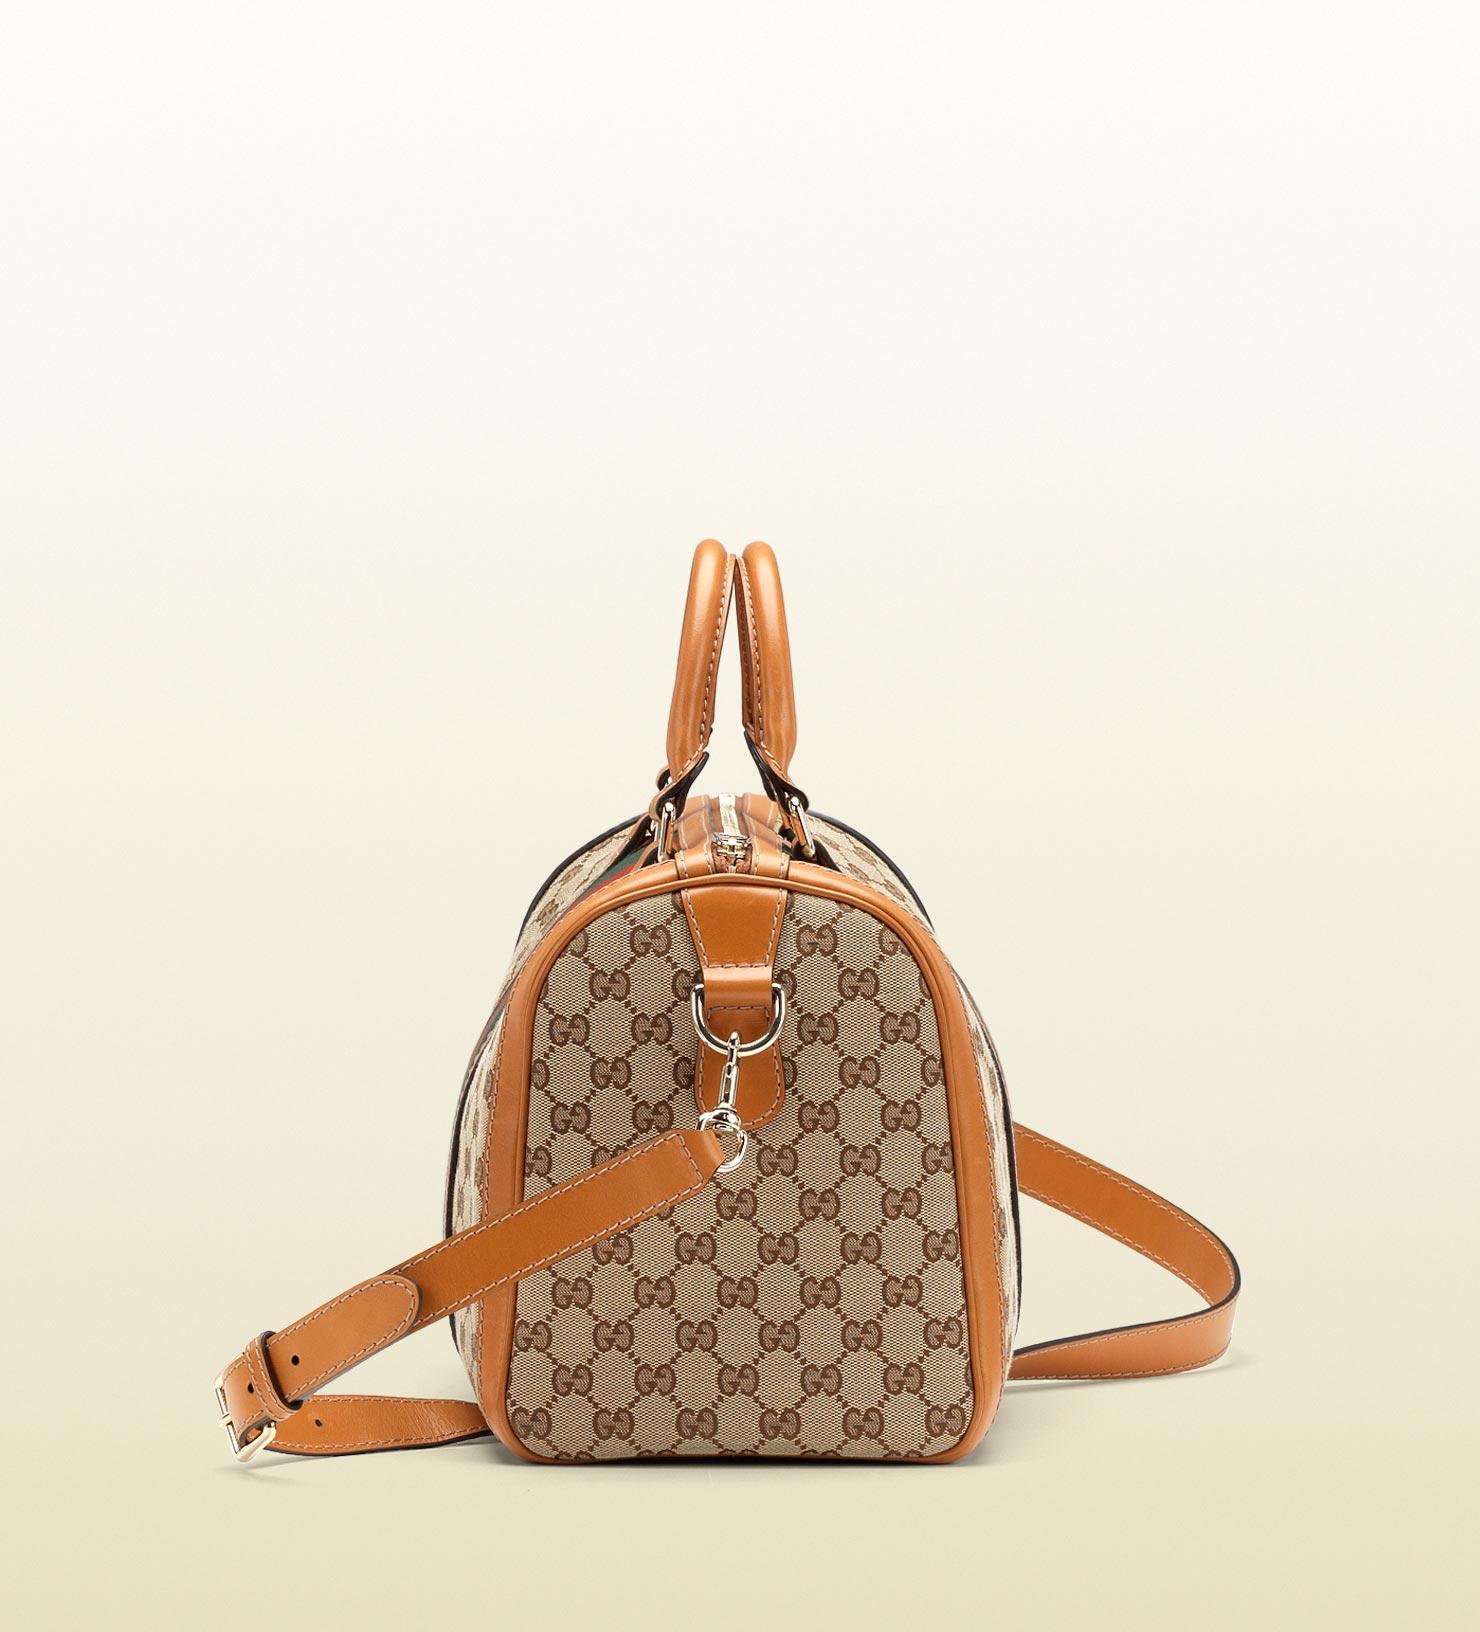 c1c124a5f98e Gucci Vintage Web Boston Bag in Brown